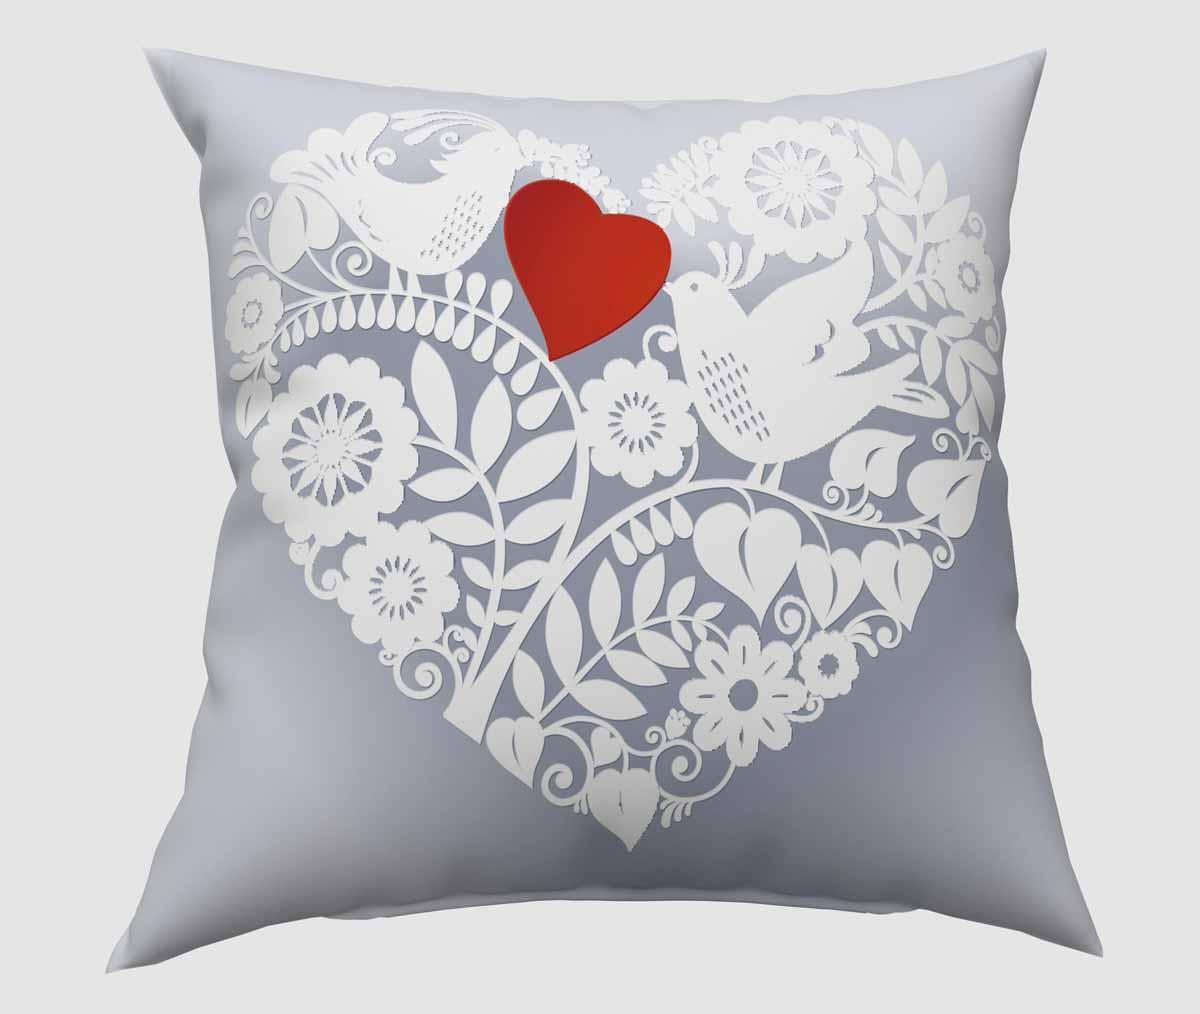 Подушка декоративная Сирень Ажурное сердце, 40 х 40 см10503Декоративная подушка Сирень Ажурное сердце, изготовленная из габардина (100% полиэстер), прекрасно дополнит интерьер спальни или гостиной. Подушка оформлена красочным изображением. Внутри - мягкий наполнитель из холлофайбера (100% полиэстер). Красивая подушка создаст атмосферу тепла и уюта в спальне и станет прекрасным элементом декора.